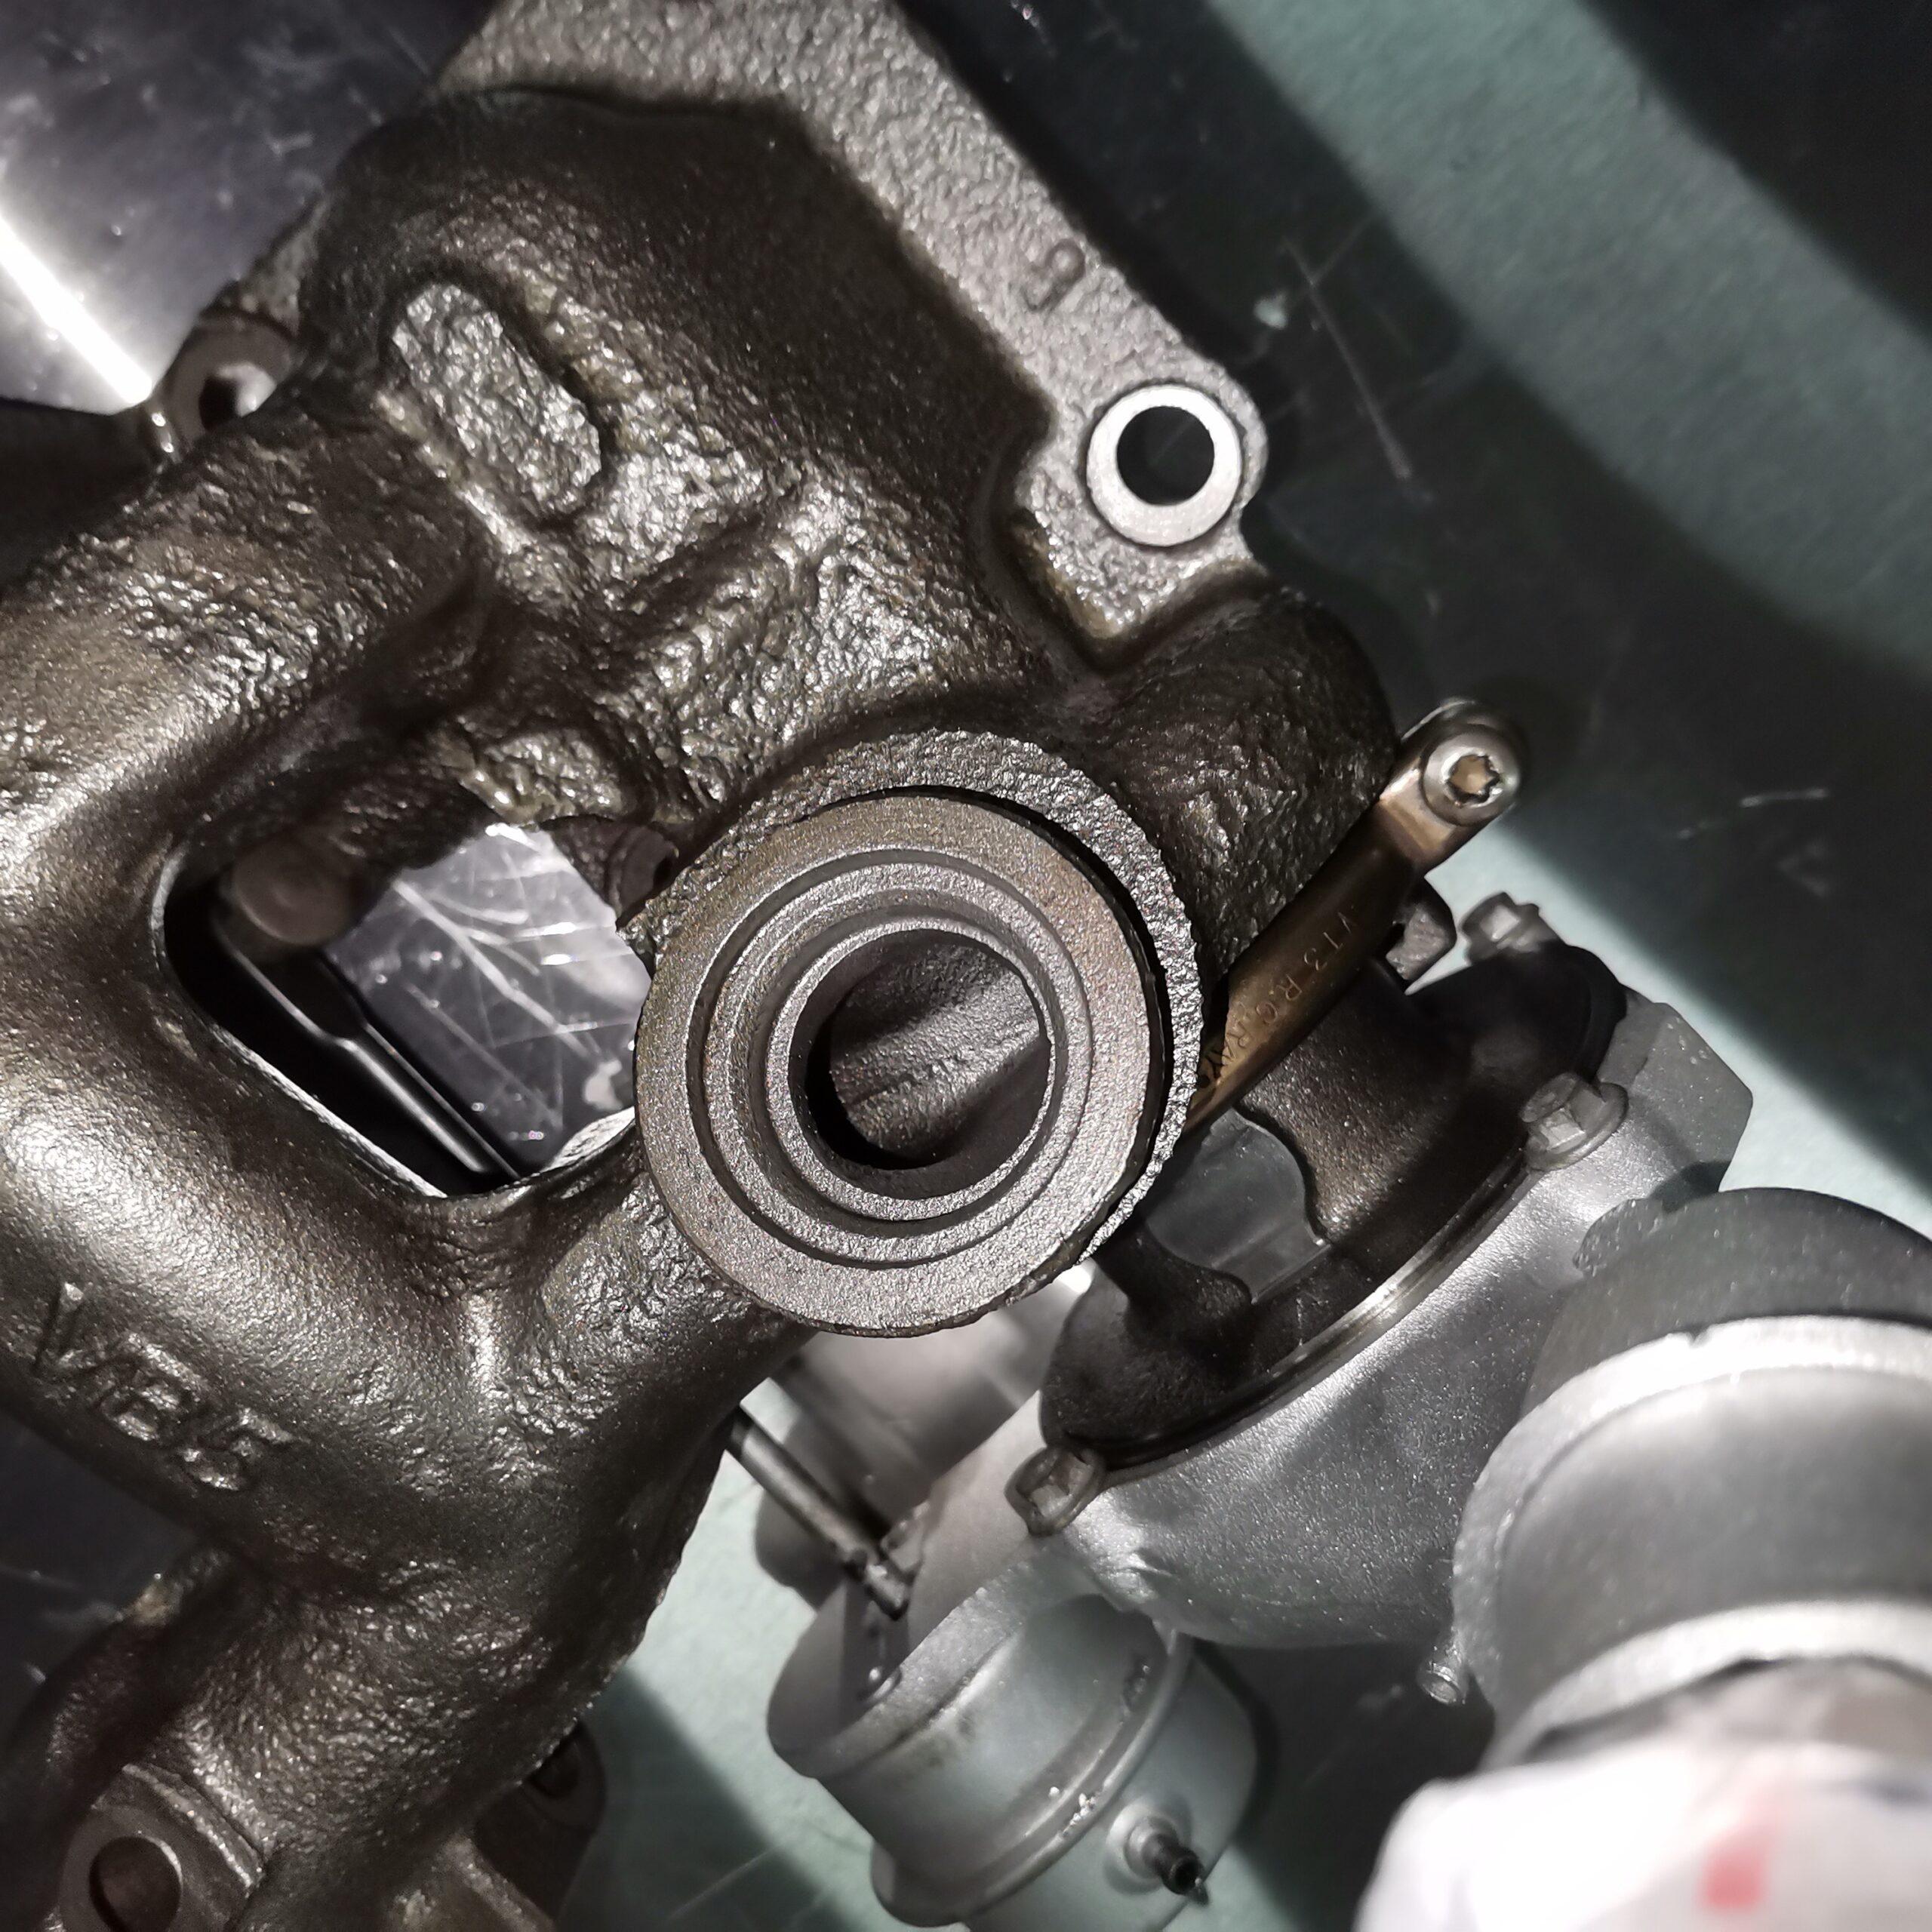 Восстановленная турбина на Ford Transit Connect 1.8 tdci с гарантией 1 год